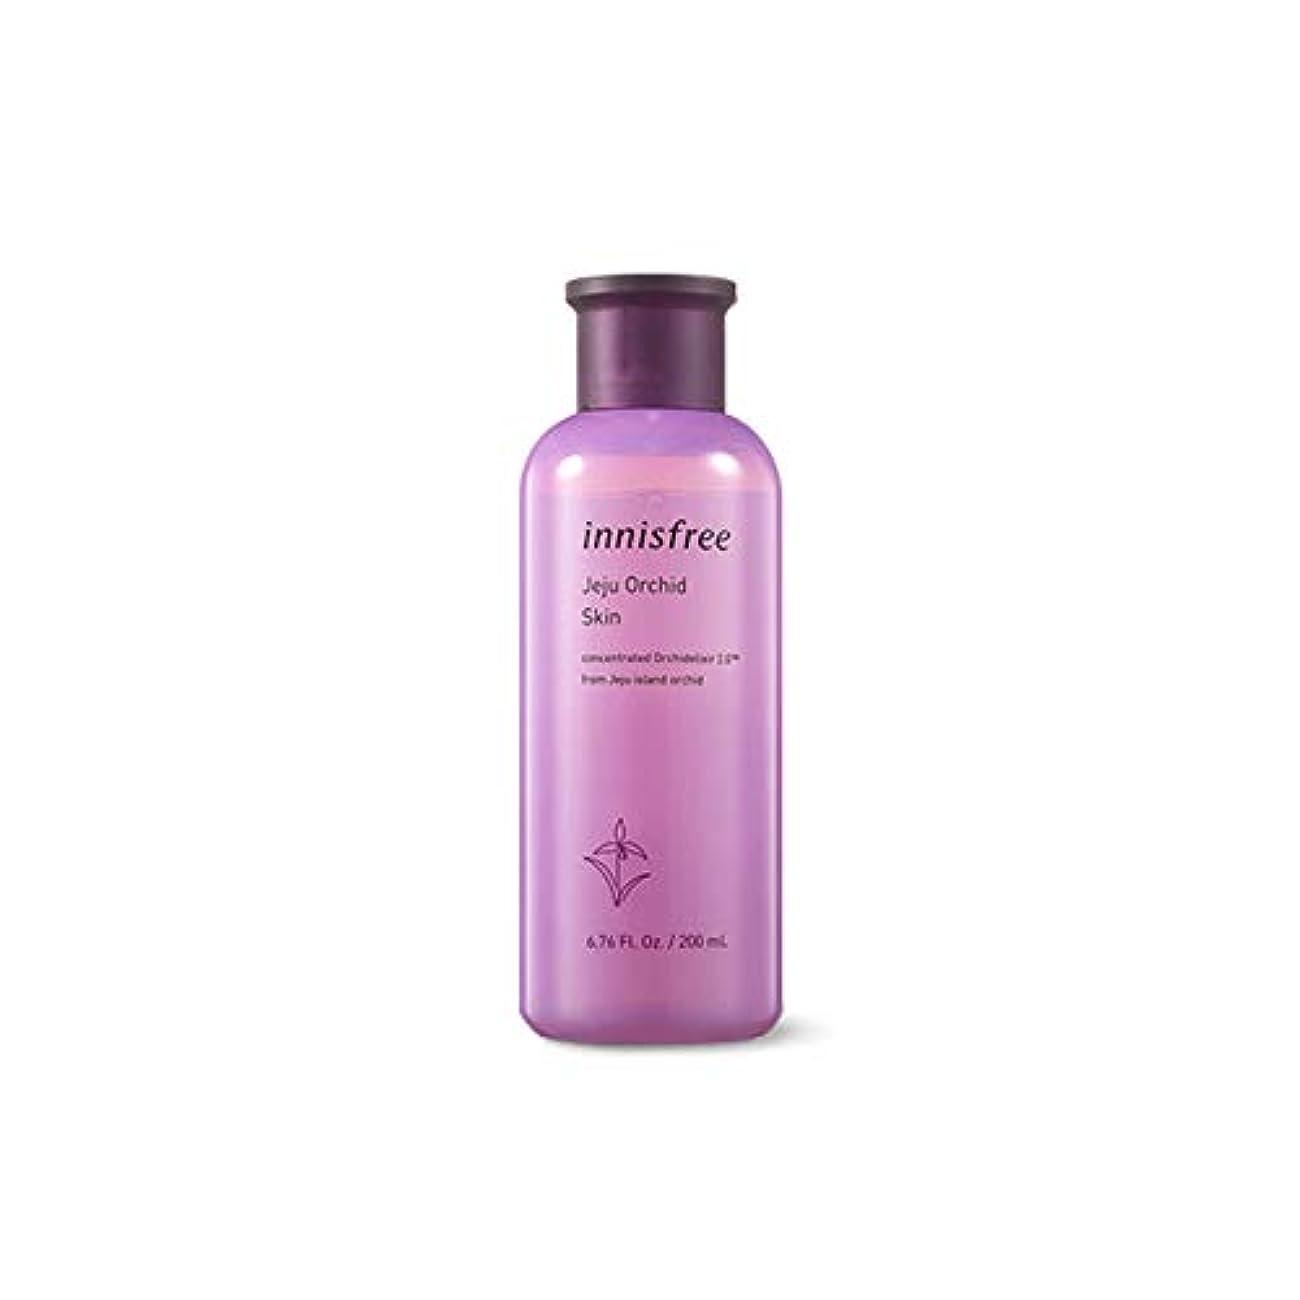 イベントショルダーアーネストシャクルトン[イニスプリー]Innisfree 寒暖スキン(200ml) 新商品入荷 Innisfree Orchid Skin (200ml) New Arrival [海外直送品]